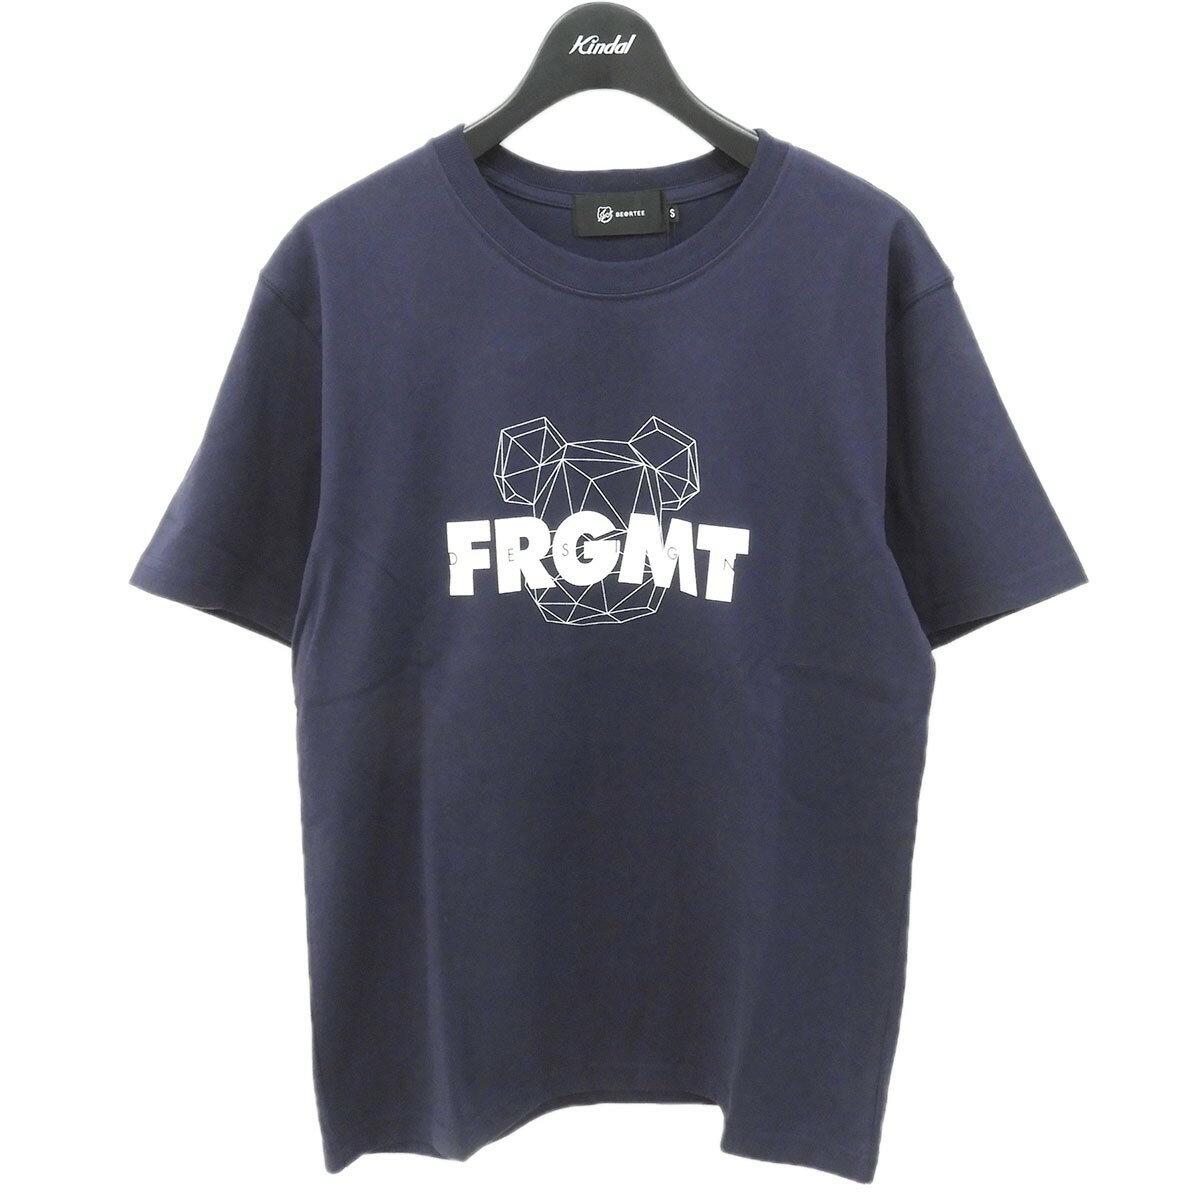 トップス, Tシャツ・カットソー FRAGMENT DESIGN BEARBRICK MEDICOM TOY EXHIBITION 2020 IN VIRTUALT S 100721